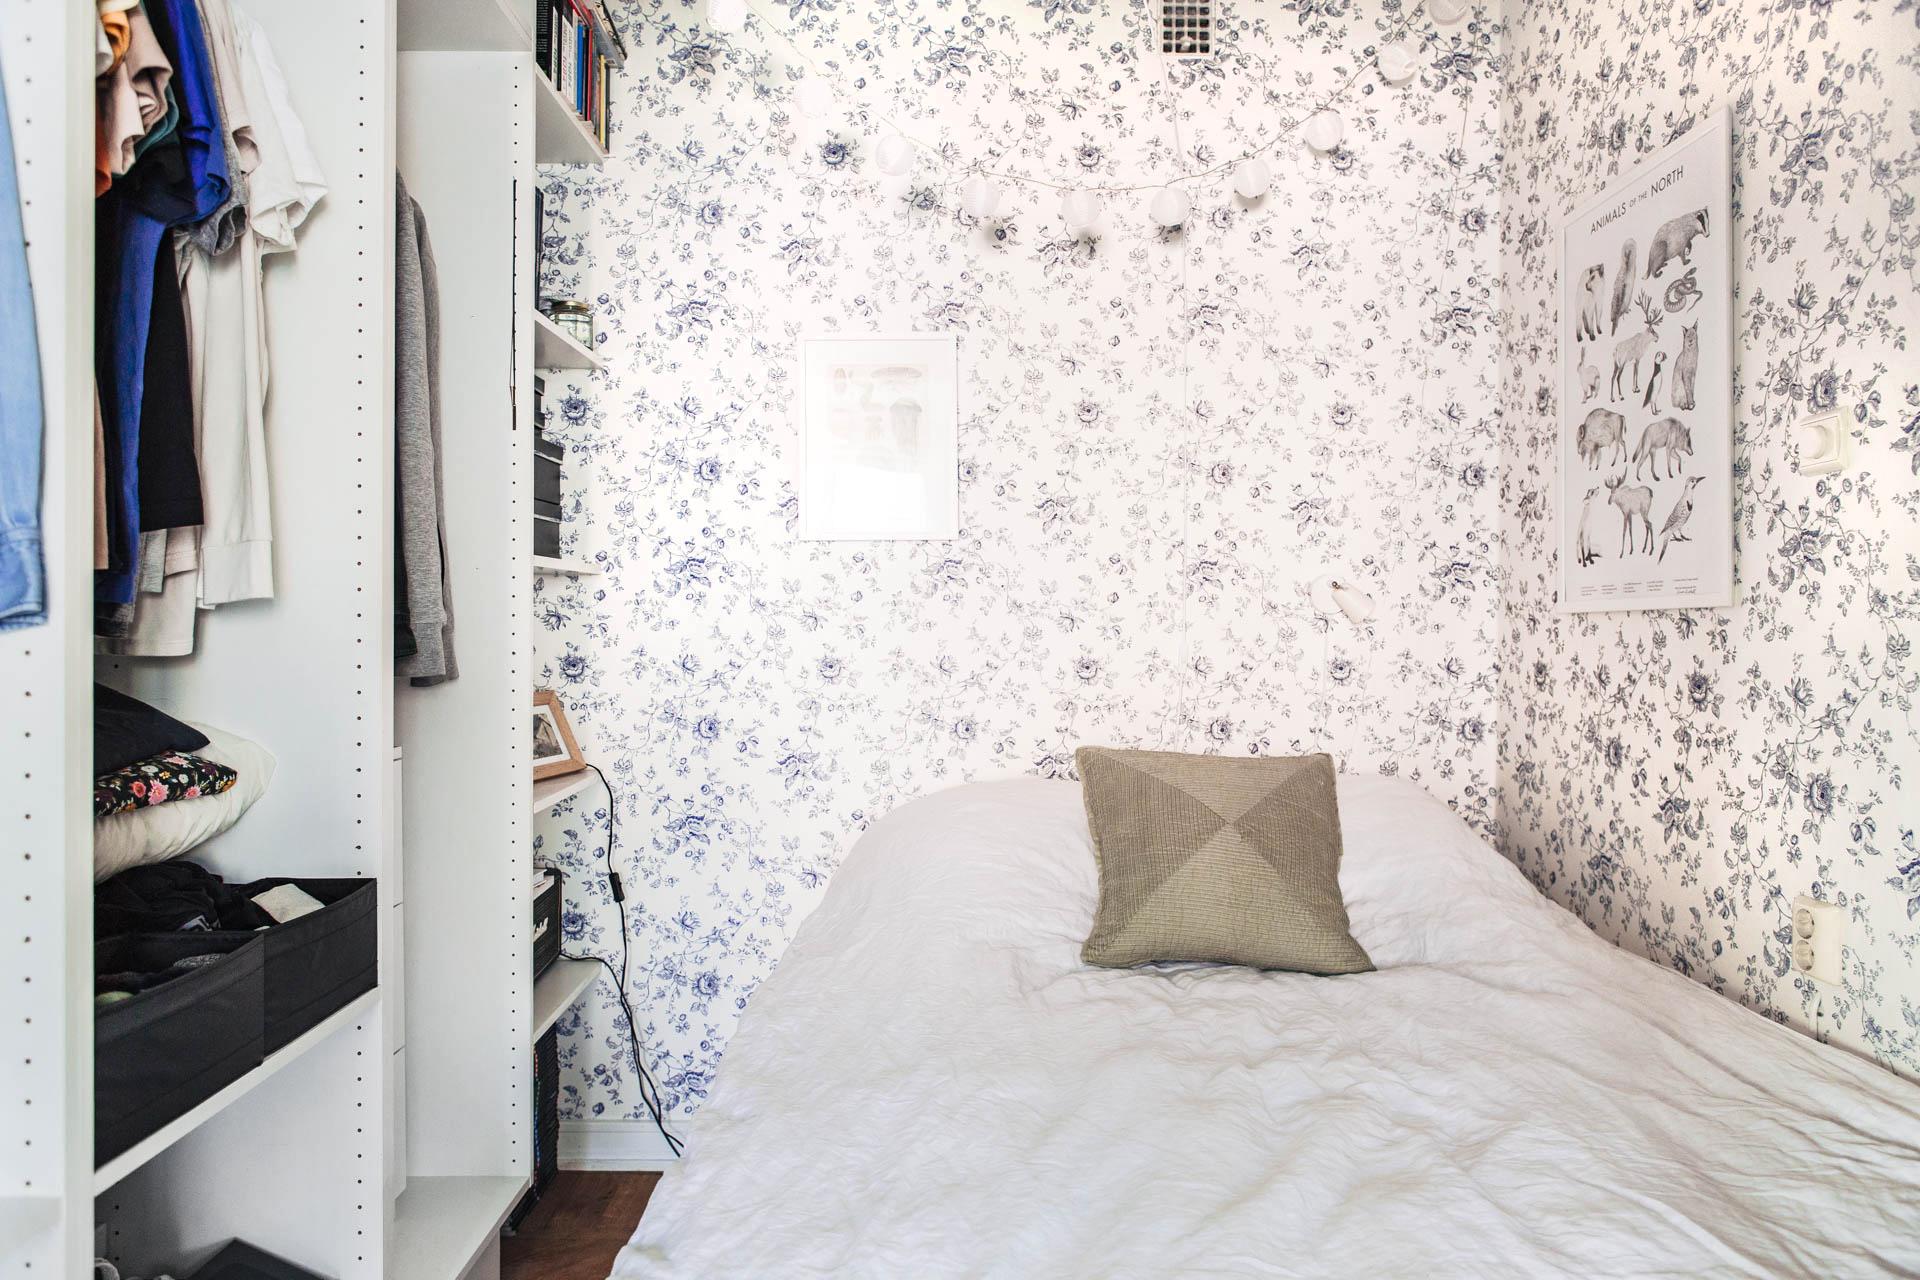 Retro Slaapkamer Ideeen.Kleine Vintage Slaapkamer Met Open Kledingkast Interieur Inrichting